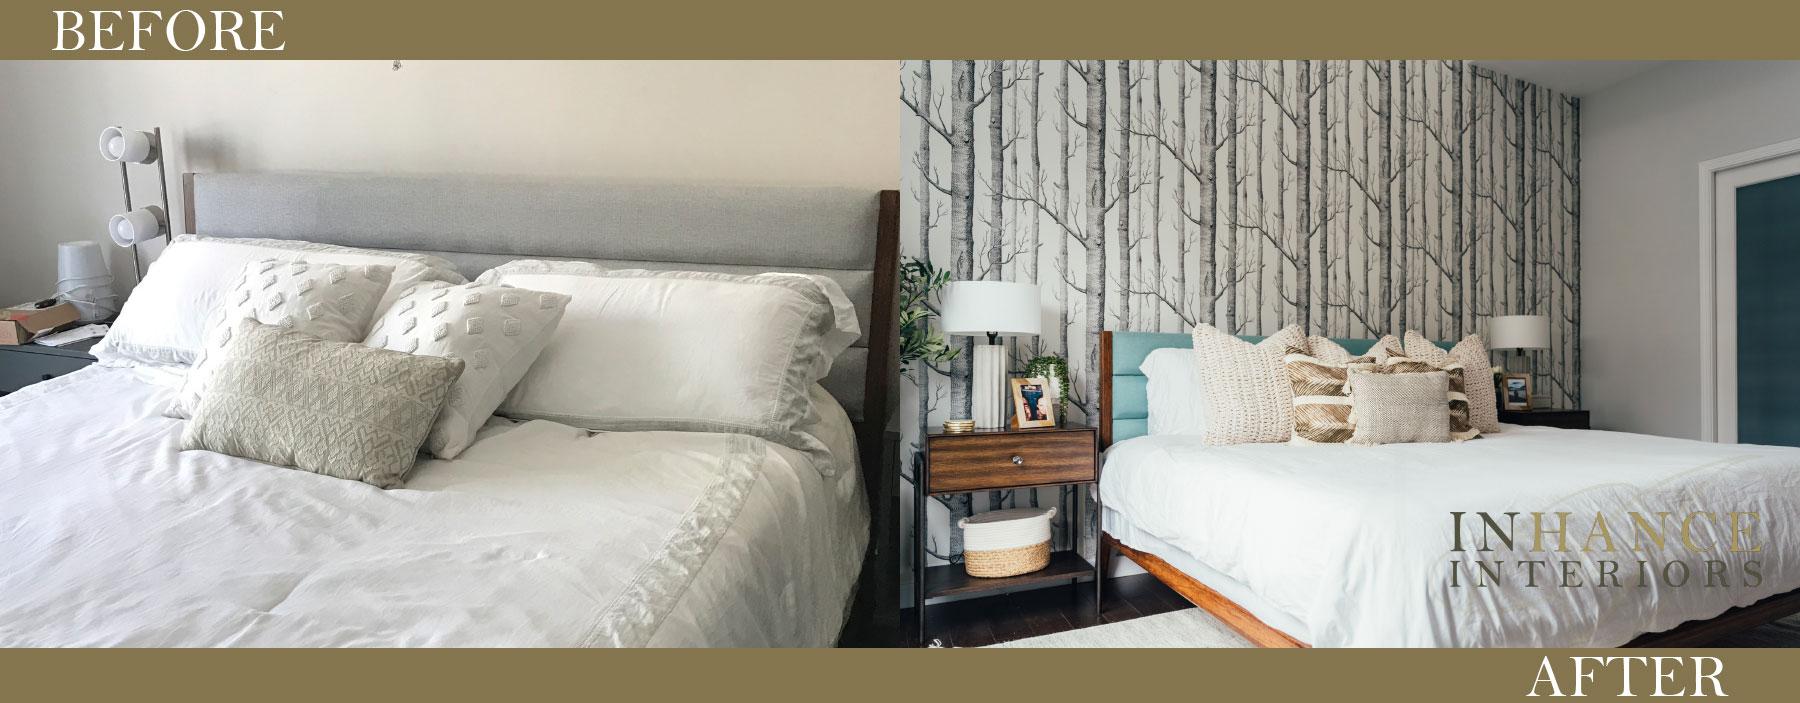 Nebraska_BeforeAfter_Bedroom.jpg